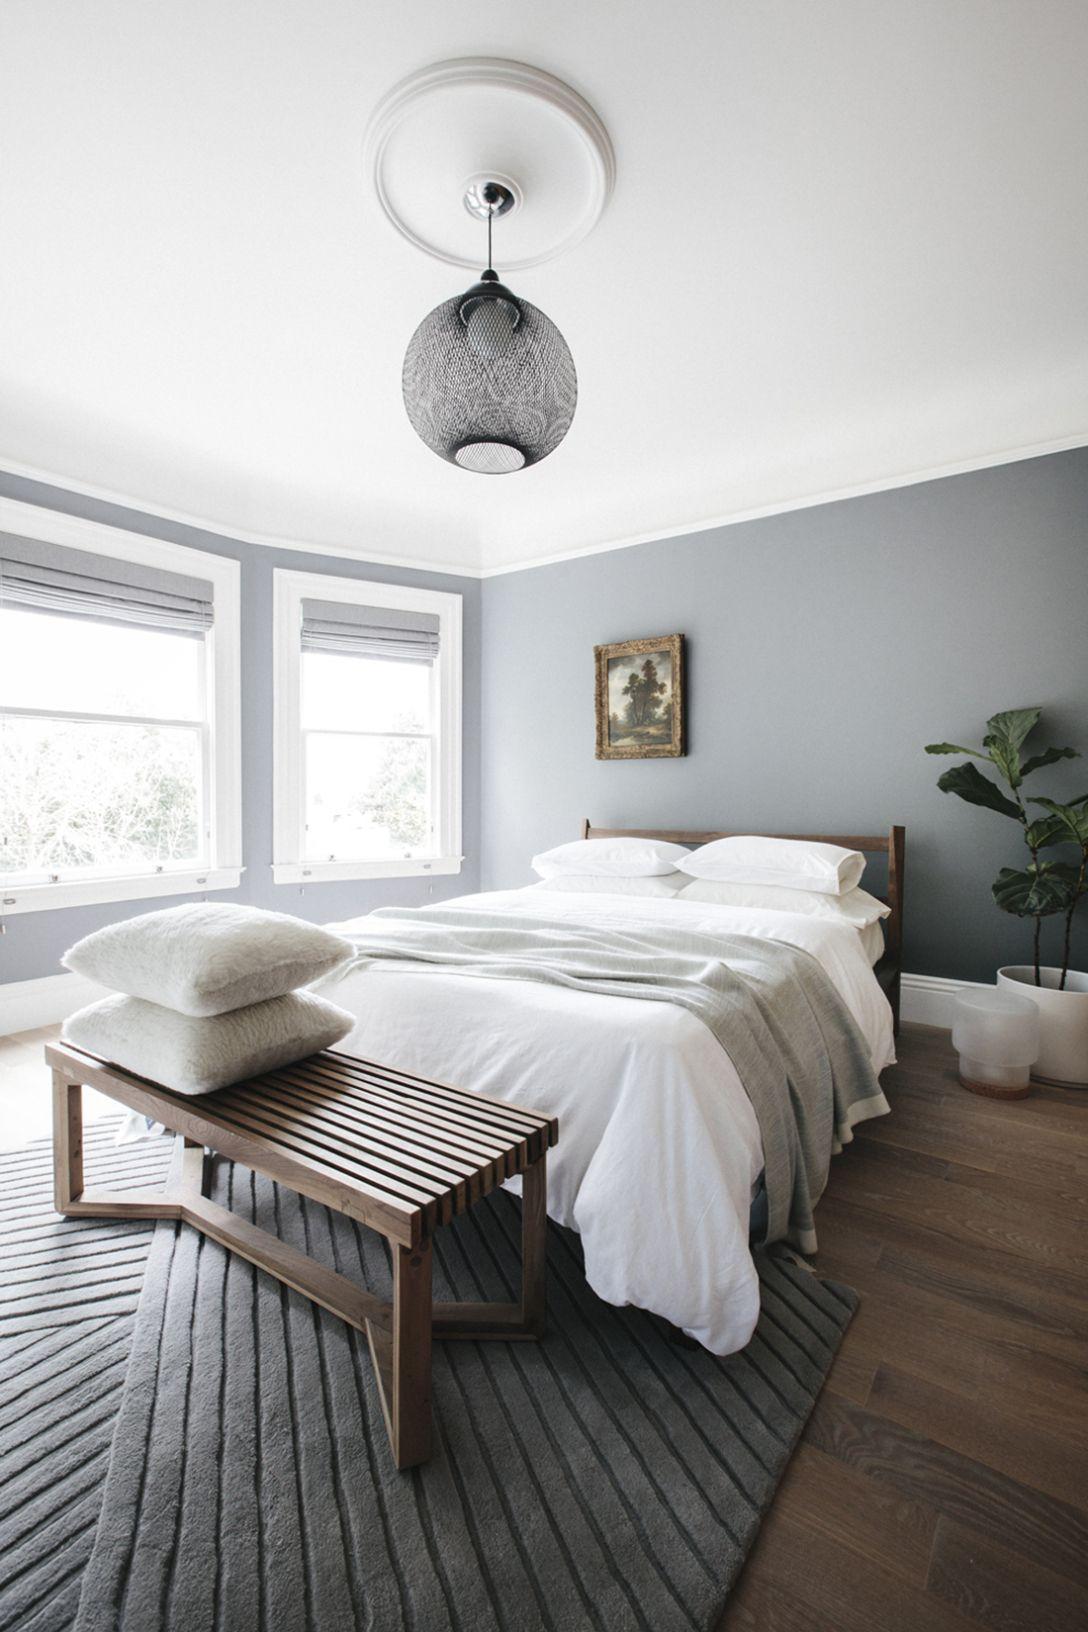 Warm Minimalism | Minimalist home interior, Modern ... on Neutral Minimalist Bedroom Ideas  id=44703